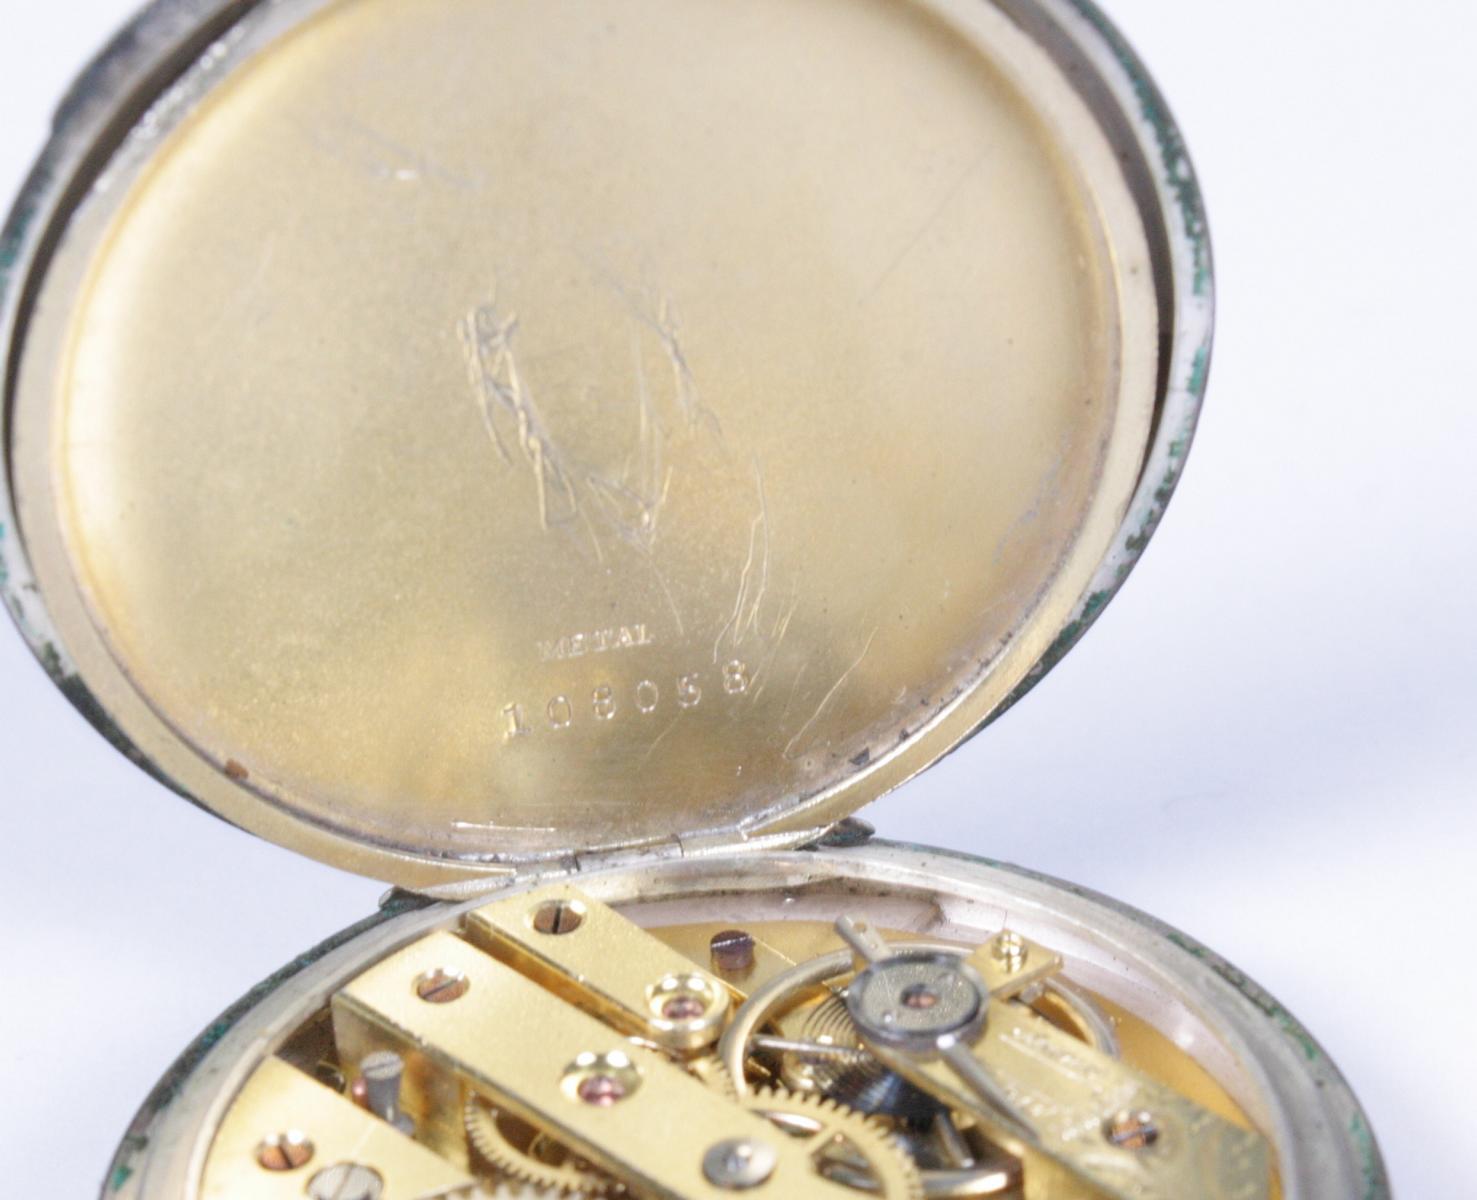 Silberne Herrentschenuhr um 1900-5